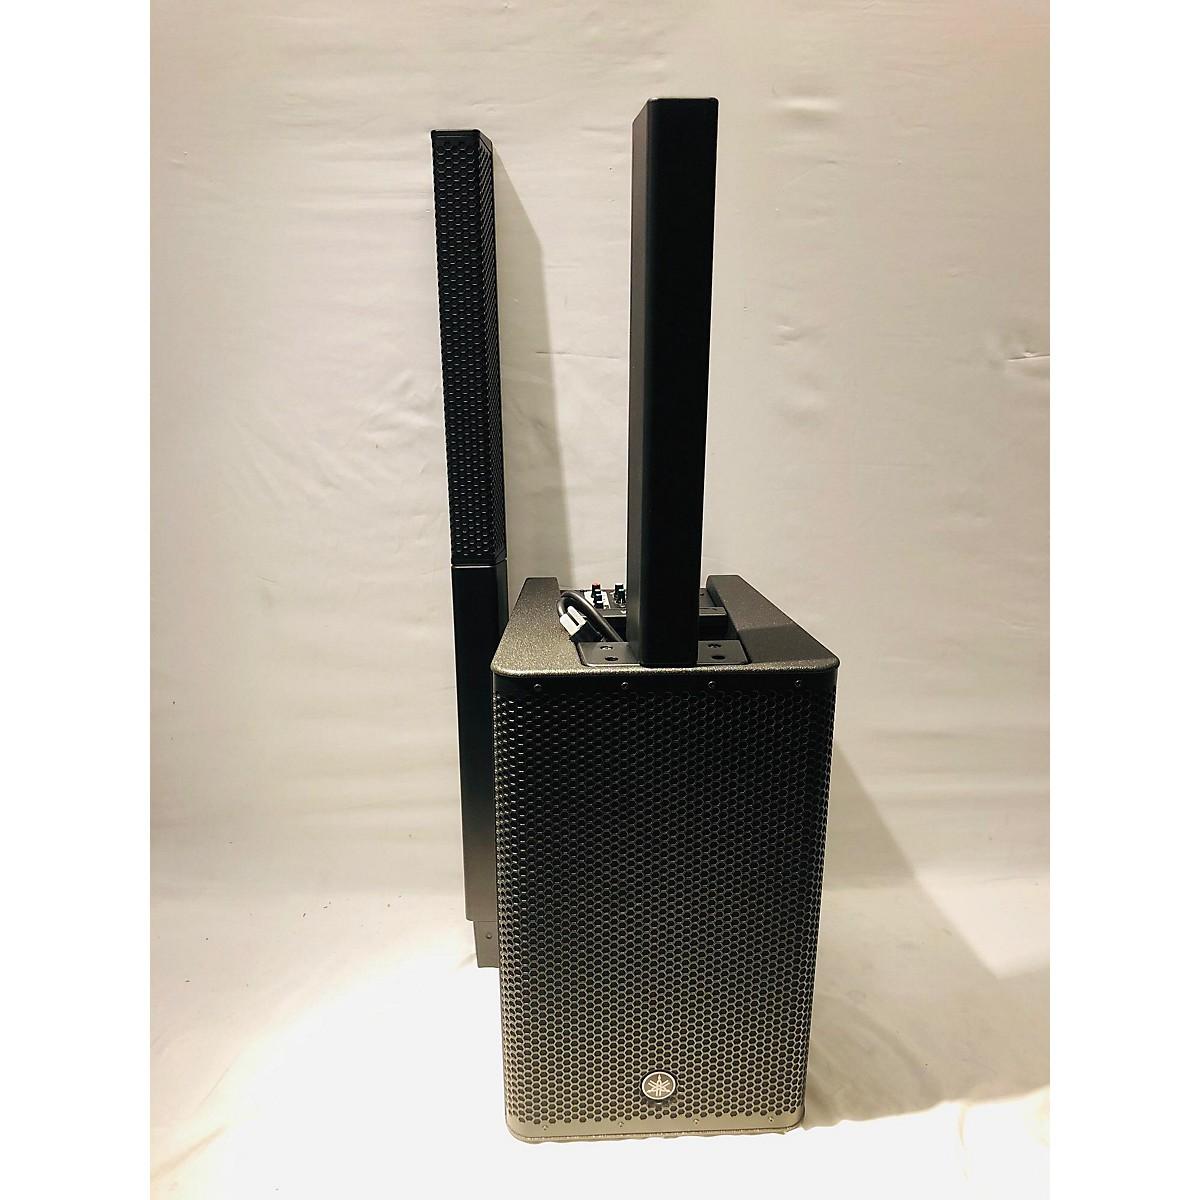 Yamaha Stagepas 1K Powered Speaker